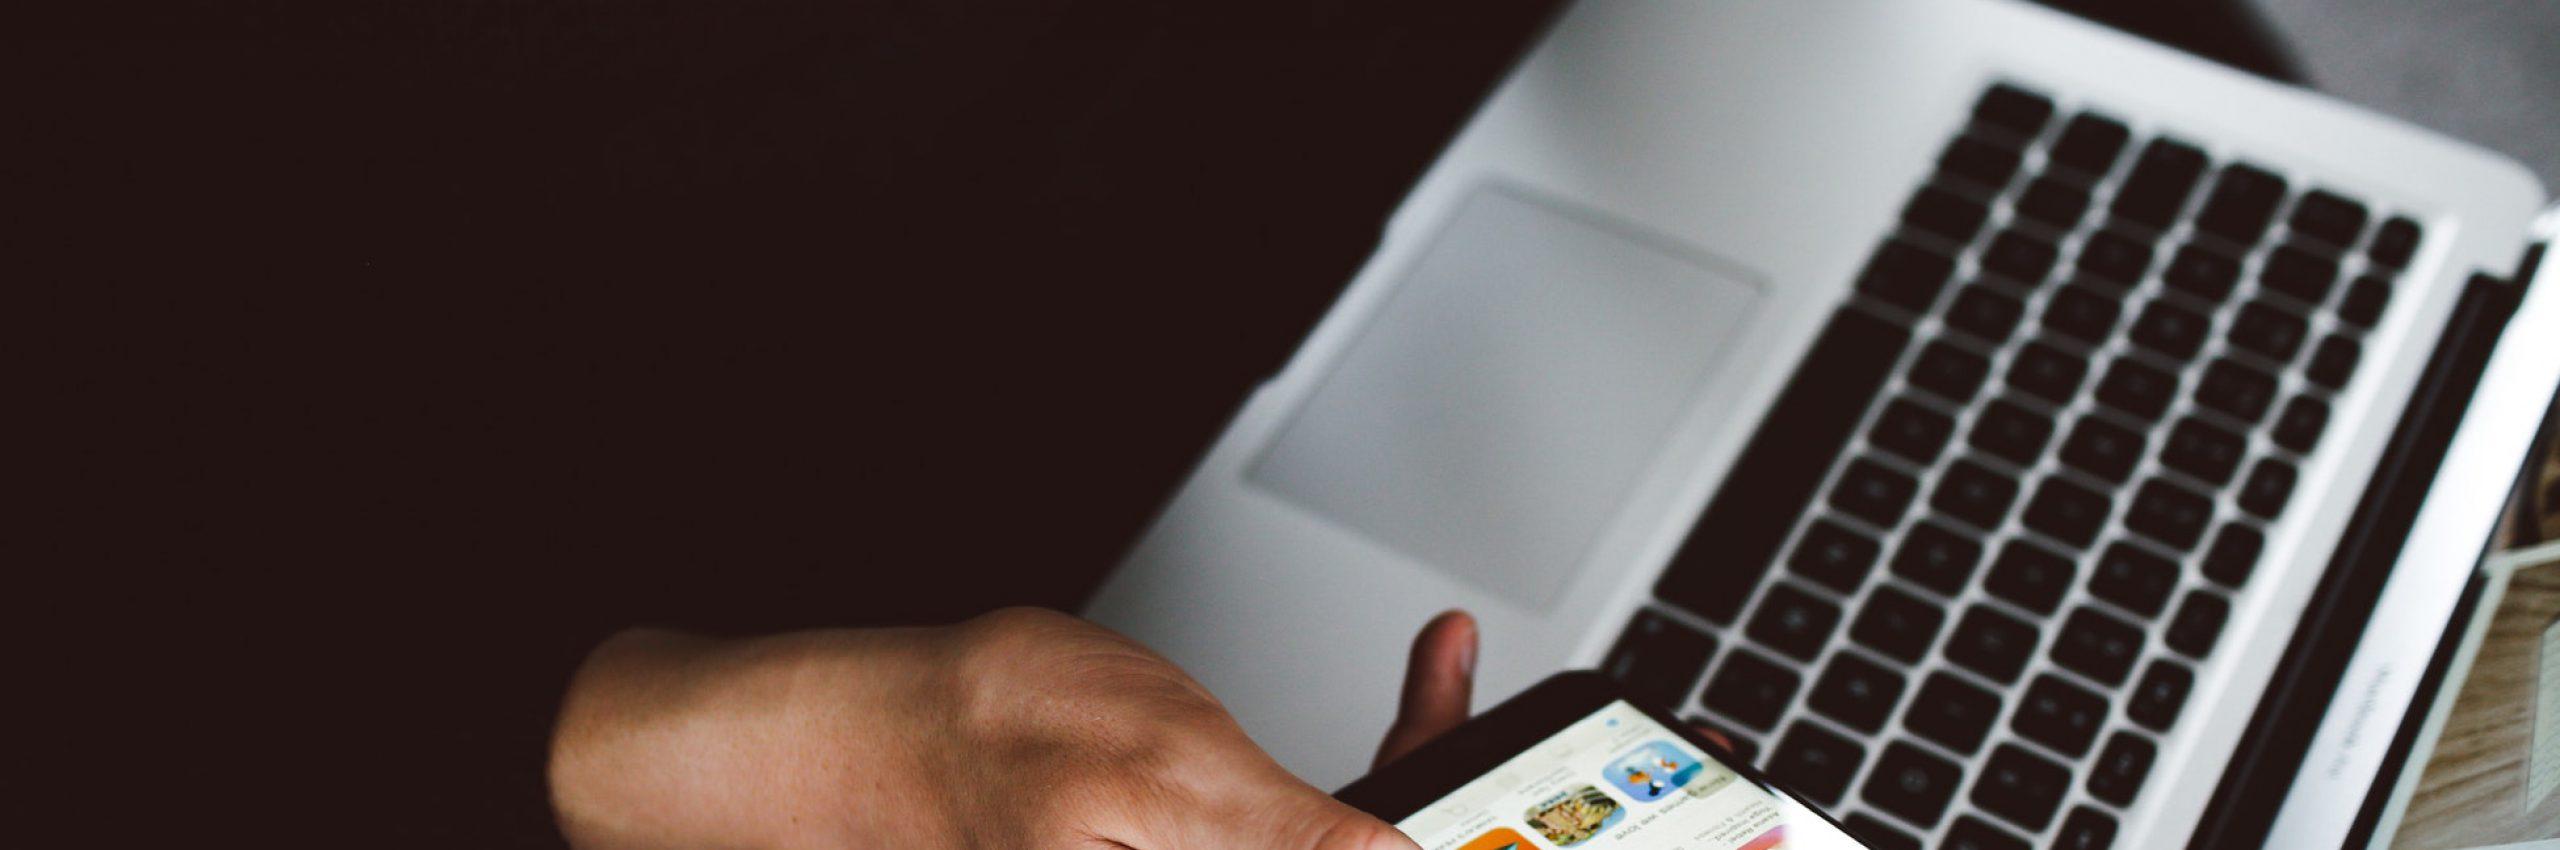 Banner for 10 snelle tips voor betere conversie op je website